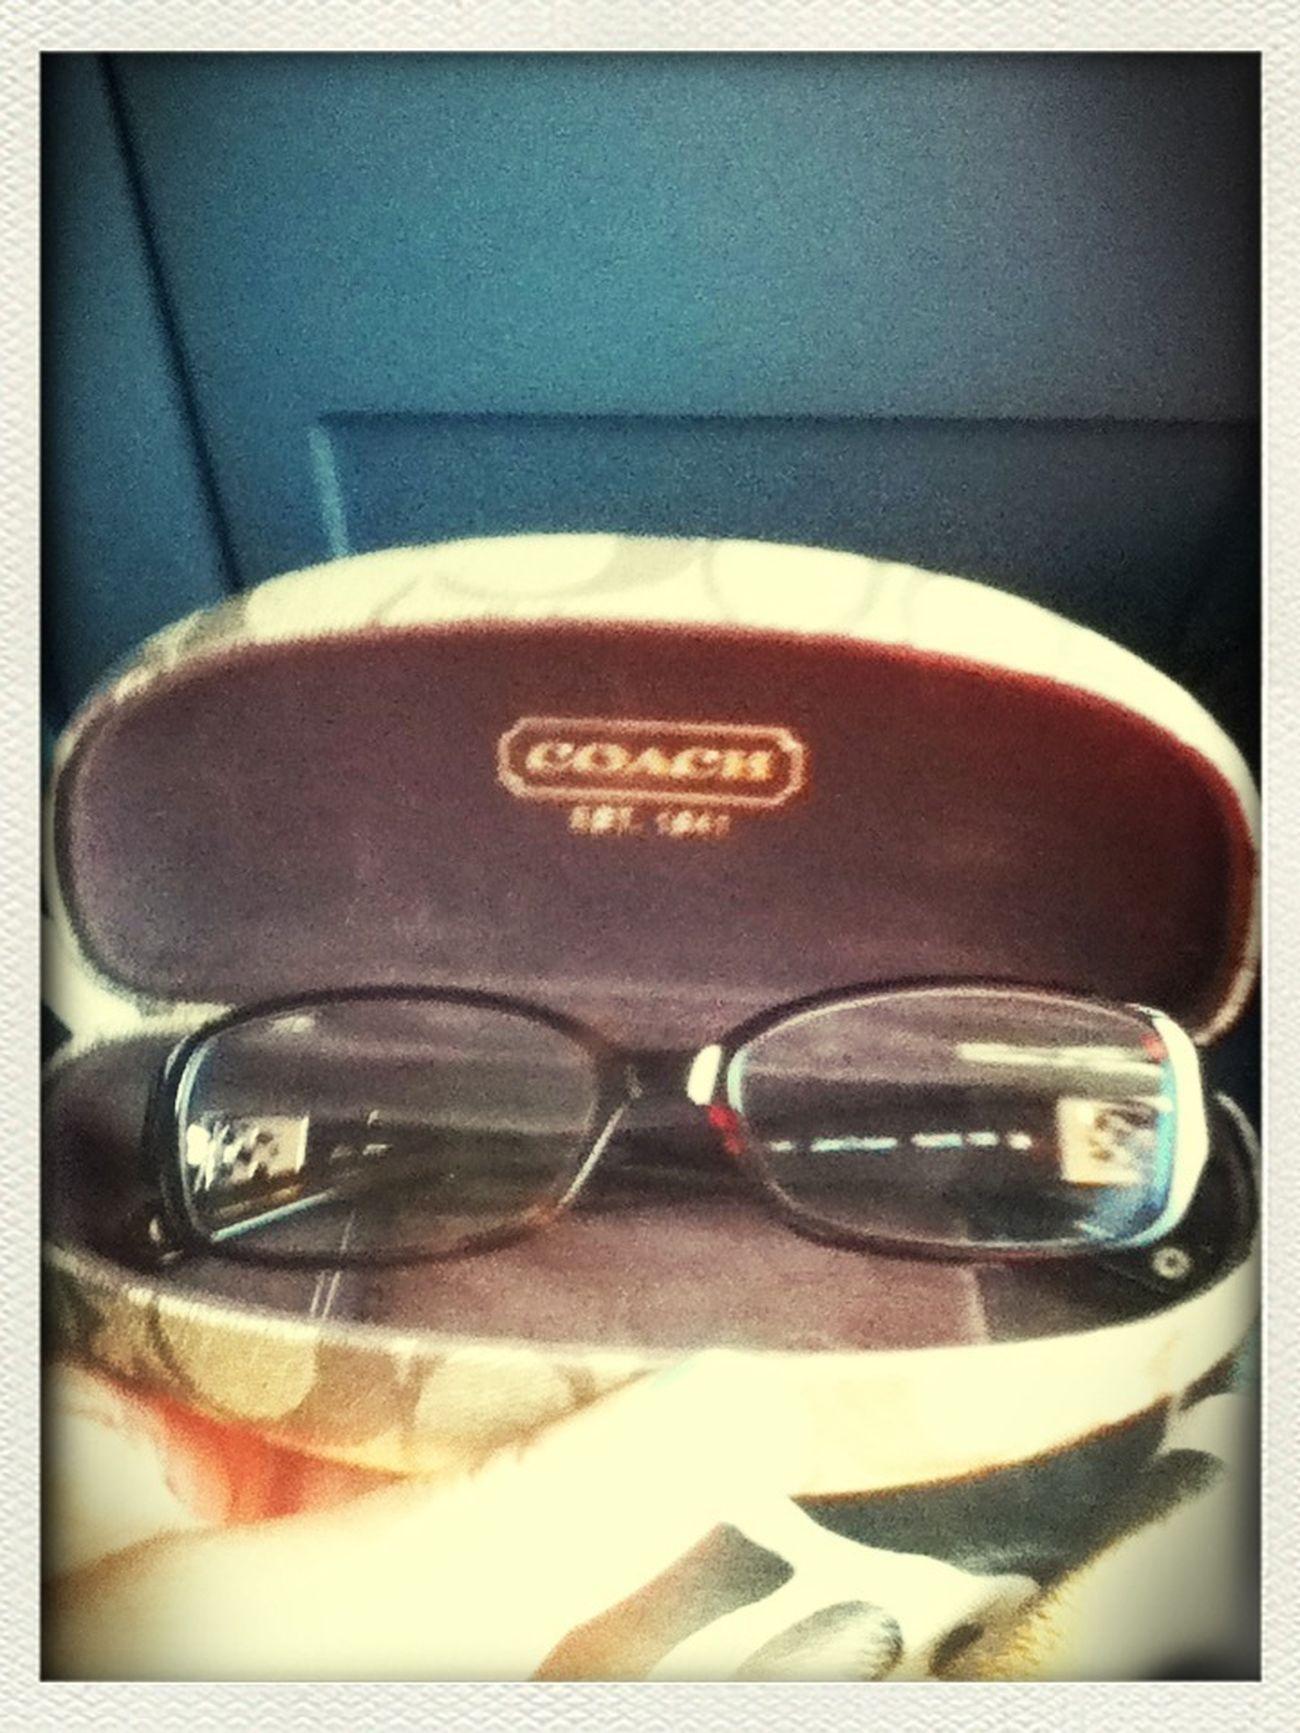 Got My Glasses Yesterday